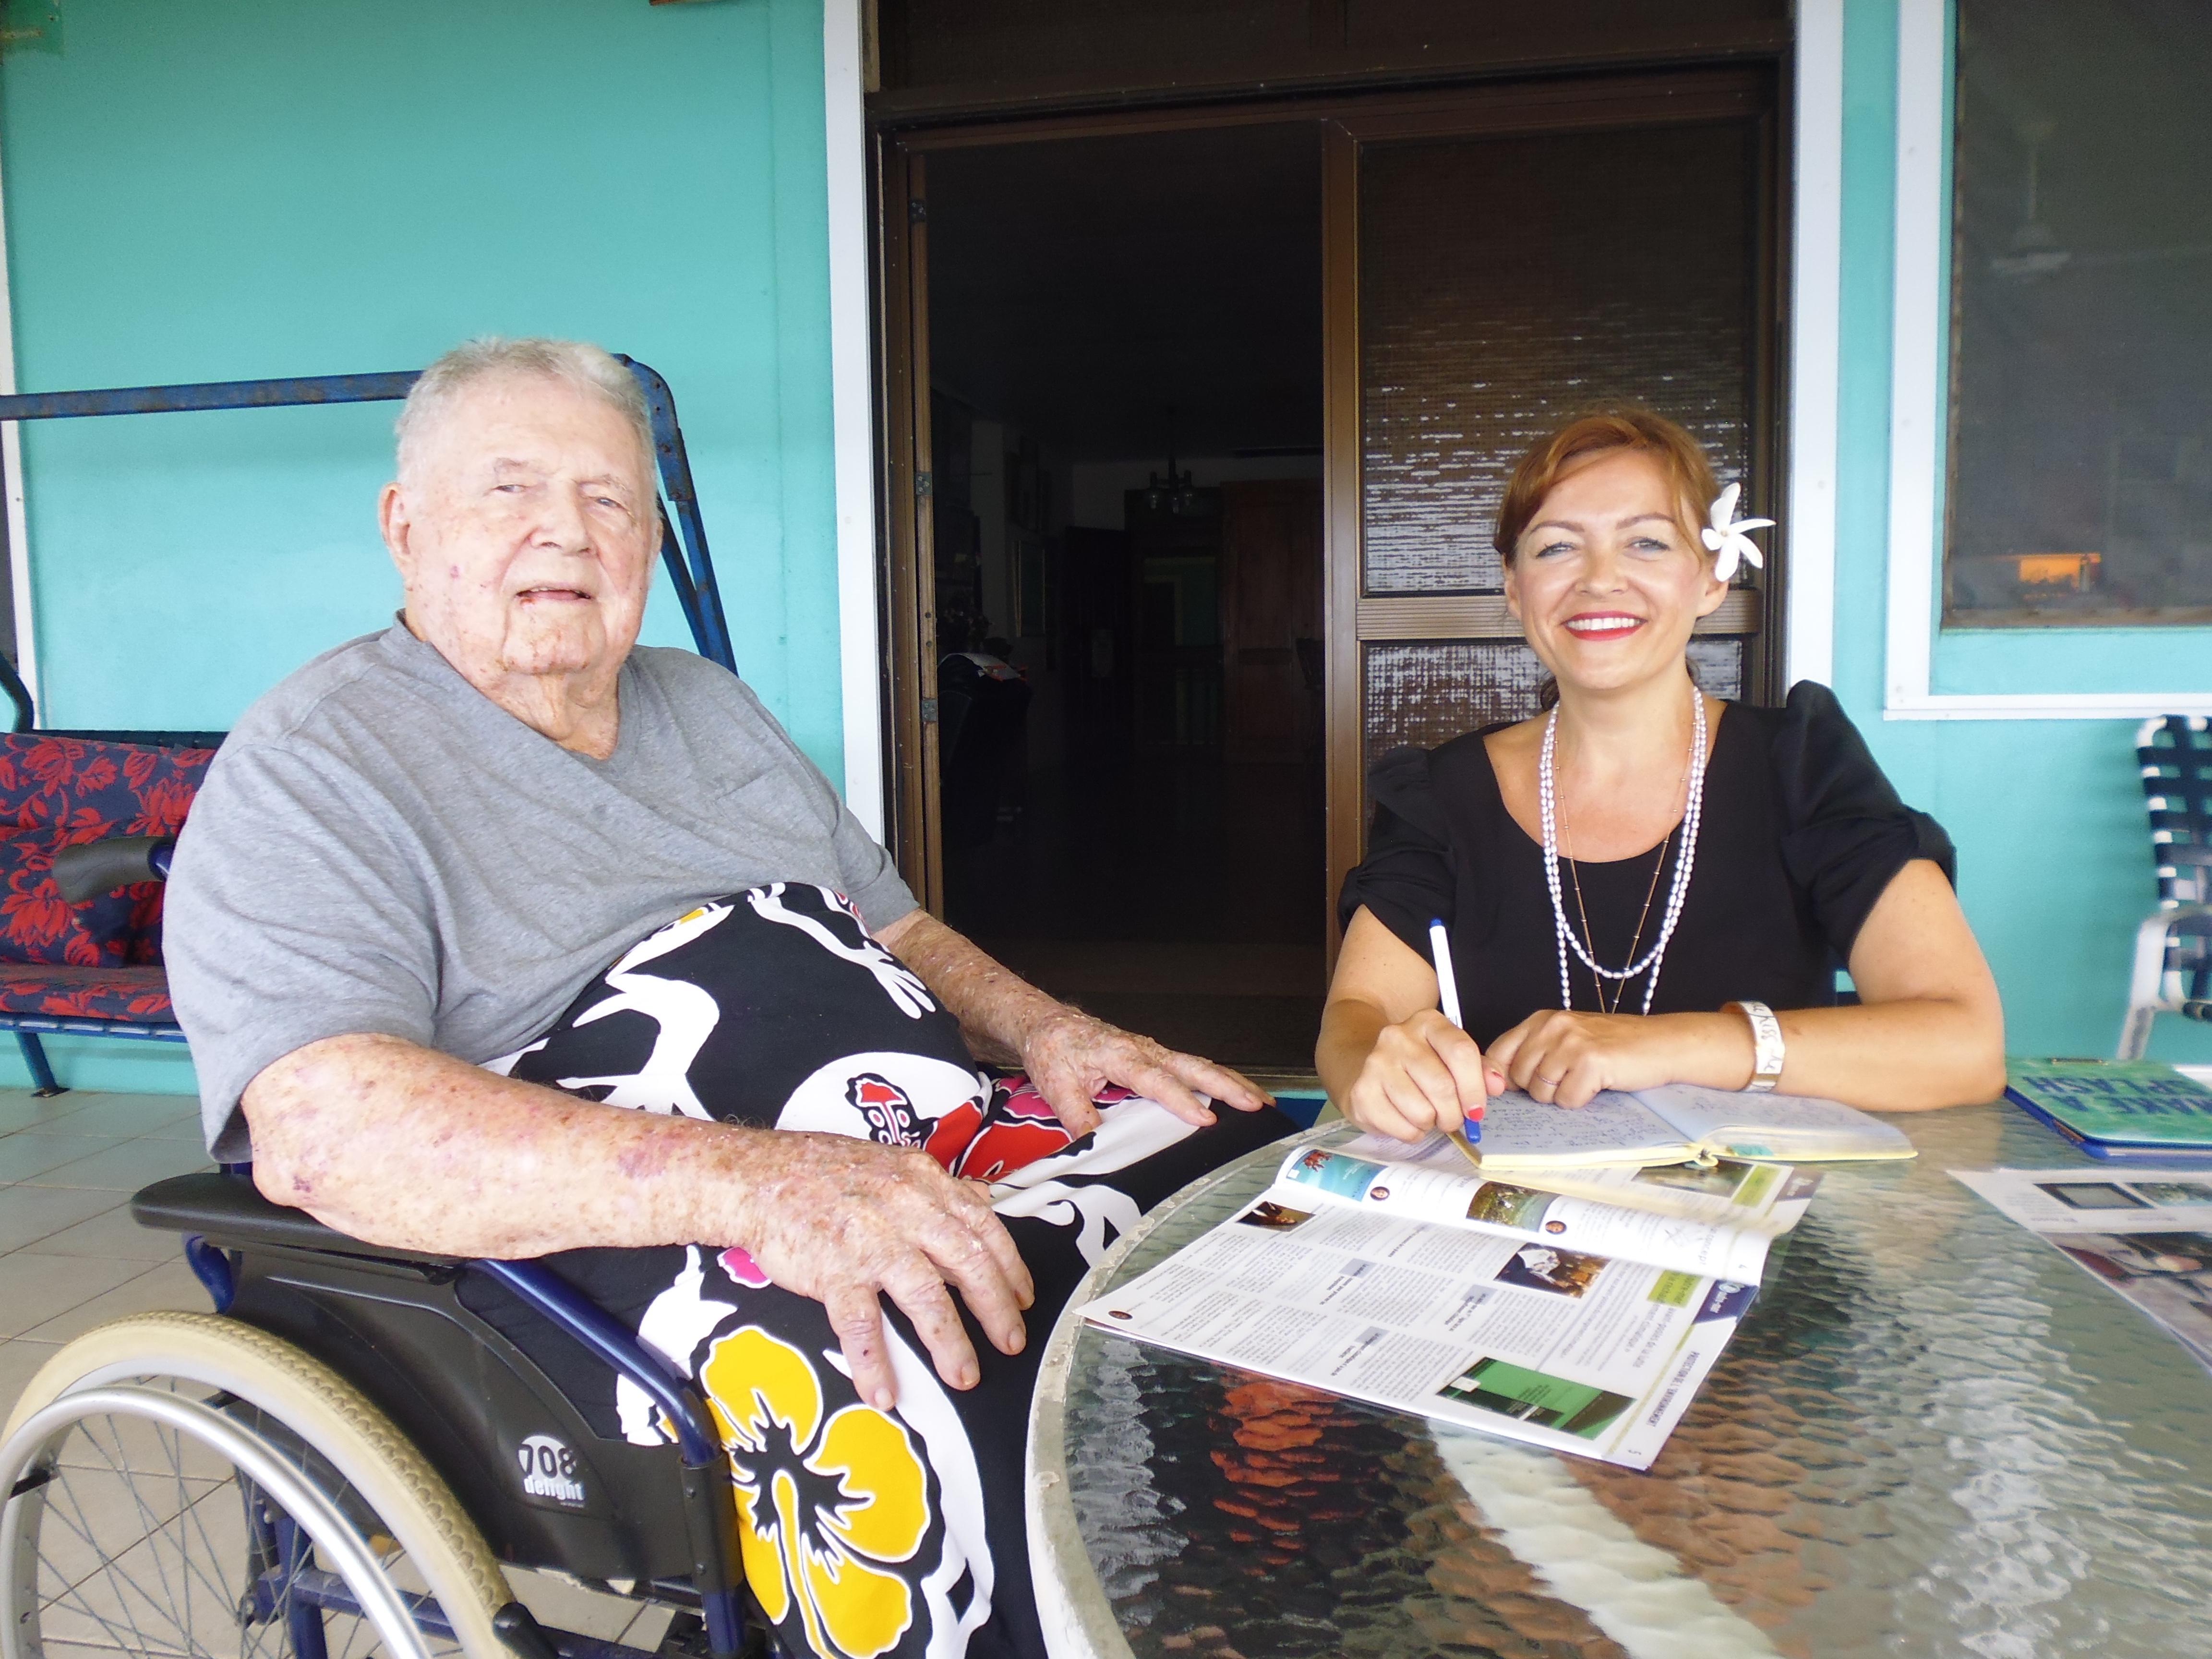 À Papara, Polynésie française, en septembre 2016, Guy Brault †, engagé dans les Forces Navales de la France libre, et Titania Redon, directrice de la rédaction du magazine Itinéraires d'outre-mer, descendante de cinq anciens combattants polynésiens